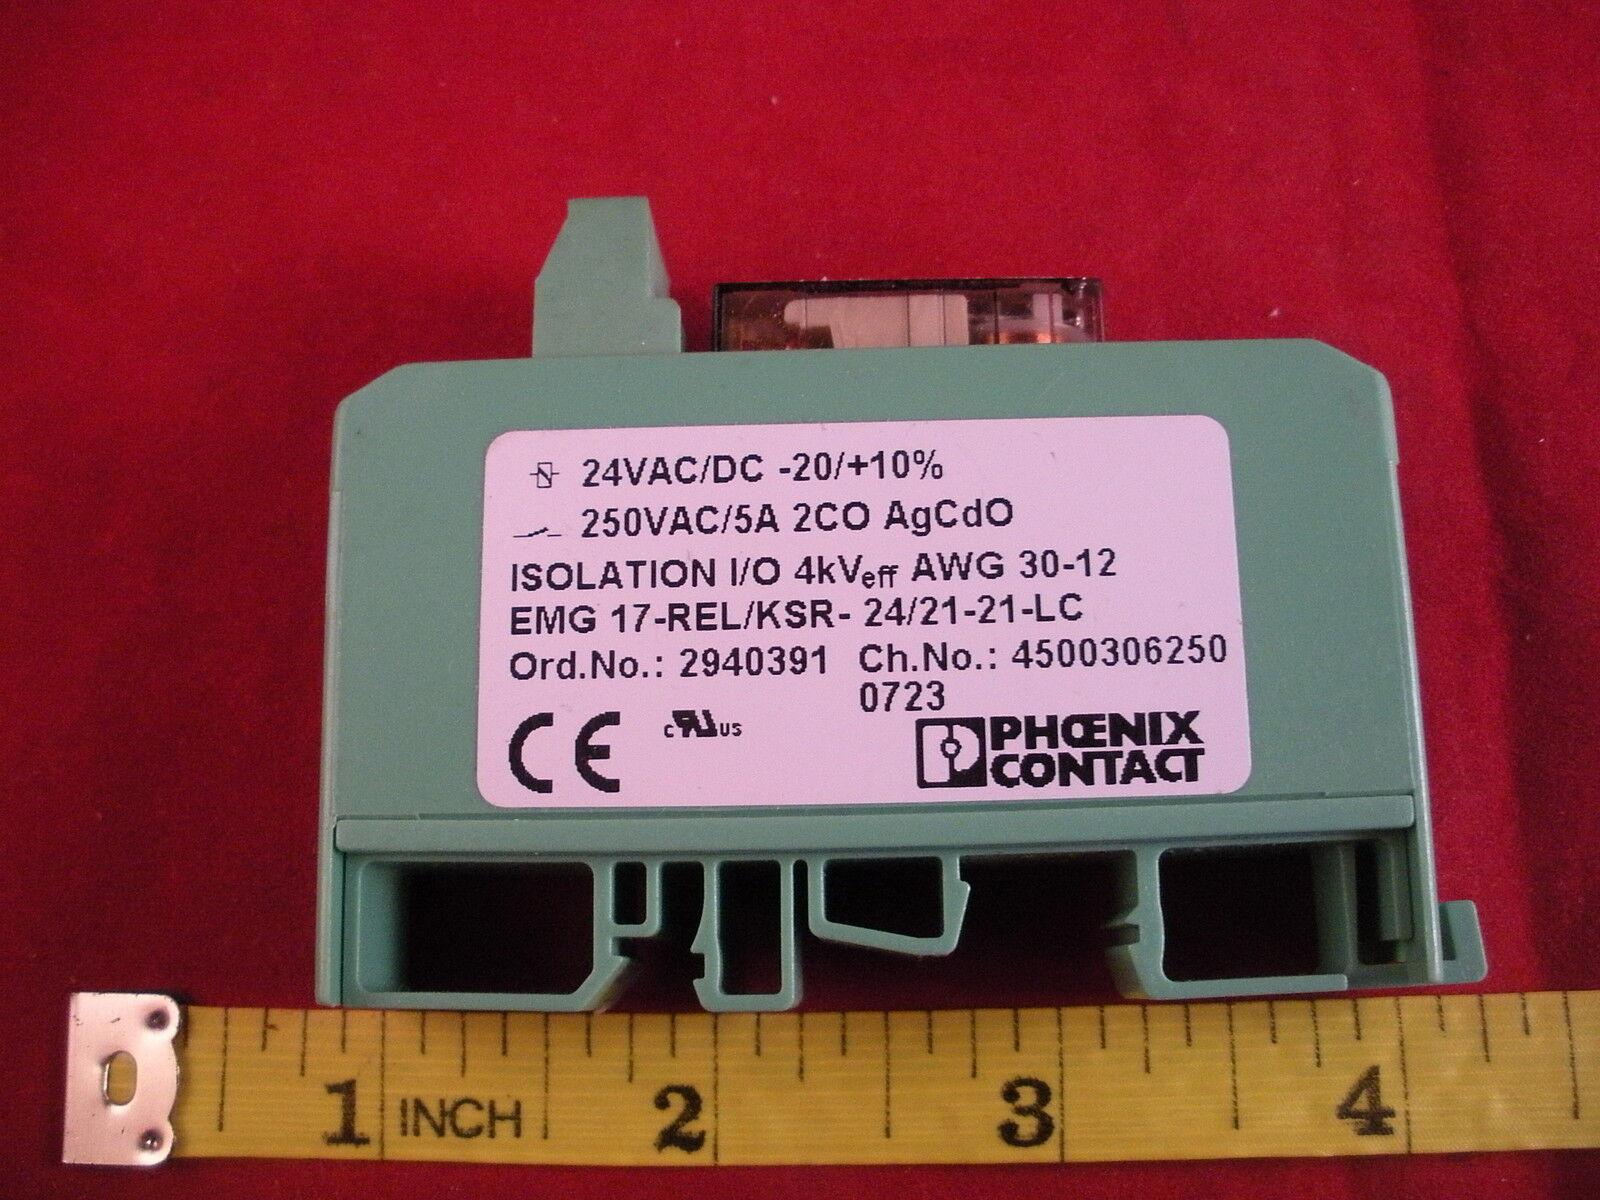 Phoenix EMG 17-REL KSR 24 21-21-LC Contact Relay Module 24v ac dc -20 +10% 5a